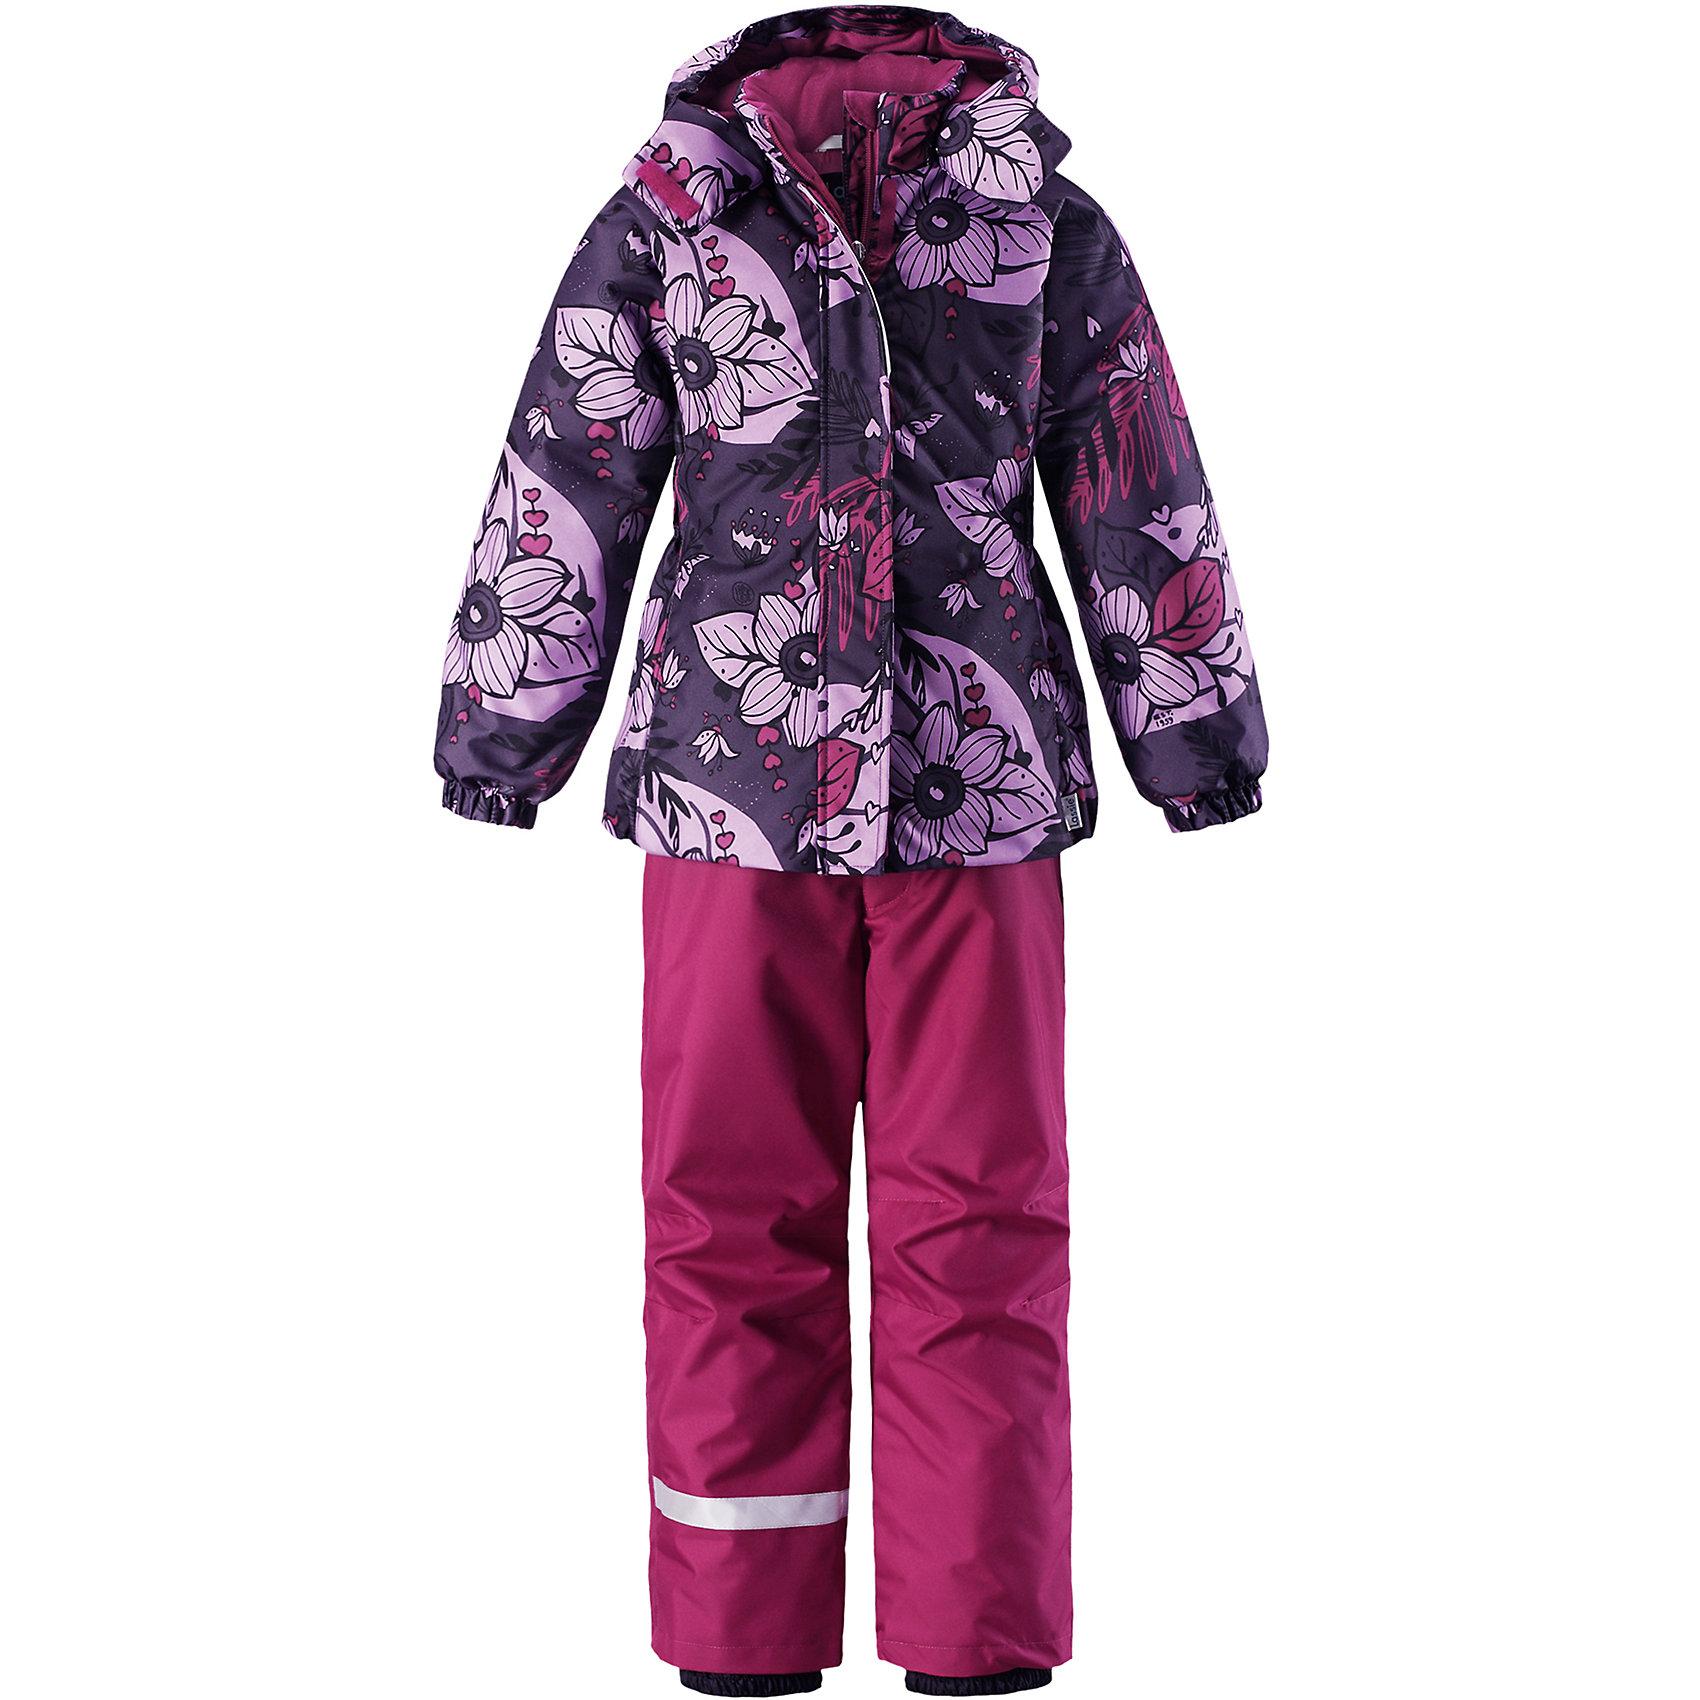 Комплект Lassie для девочкиОдежда<br>Характеристики товара:<br><br>• цвет: фиолетовый;<br>• состав: 100% полиэстер, полиуретановое покрытие;<br>• подкладка: 100% полиэстер;<br>• утеплитель: куртка 180 г/м2, брюки 100 г/м2;<br>• сезон: зима;<br>• температурный режим: от 0 до -20С;<br>• водонепроницаемость: 1000 мм;<br>• воздухопроницаемость: 1000 мм;<br>• износостойкость: 50000 циклов (тест Мартиндейла);<br>• застежка: куртка на молнии, брюки молнии и пуговице;<br>• водоотталкивающий, ветронепроницаемый и дышащий материал;<br>• гладкая подкладка из полиэстера; <br>• безопасный съемный капюшон;<br>• эластичные манжеты; <br>• снегозащитные манжеты на штанинах;<br>• эластичная талия и кромка подола;<br>• регулируемые и отстегивающиеся эластичные подтяжки;<br>• карманы в боковых швах;<br>• светоотражающие детали;<br>• страна бренда: Финляндия;<br>• страна изготовитель: Китай;<br><br>Зимний комплект для девочки. Брюки изготовлены из сверхпрочного материала и снабжены защитой от снега. Съемные регулируемые подтяжки позволяют откорректировать брюки идеально по размеру, а задний средний шов проклеен для обеспечения водонепроницаемости. <br><br>Куртка украшена цветочным рисунком и снабжена безопасным и практичным съемным капюшоном, а карманы на липучке сохранят все нужные мелочи! И куртка, и брюки изготовлены из ветронепроницаемого и дышащего материала с водо- и грязеотталкивающей поверхностью.<br><br>Комплект Lassie (Ласси) для девочки можно купить в нашем интернет-магазине.<br><br>Ширина мм: 356<br>Глубина мм: 10<br>Высота мм: 245<br>Вес г: 519<br>Цвет: лиловый<br>Возраст от месяцев: 84<br>Возраст до месяцев: 96<br>Пол: Женский<br>Возраст: Детский<br>Размер: 128,134,140,92,98,104,110,116,122<br>SKU: 6927861